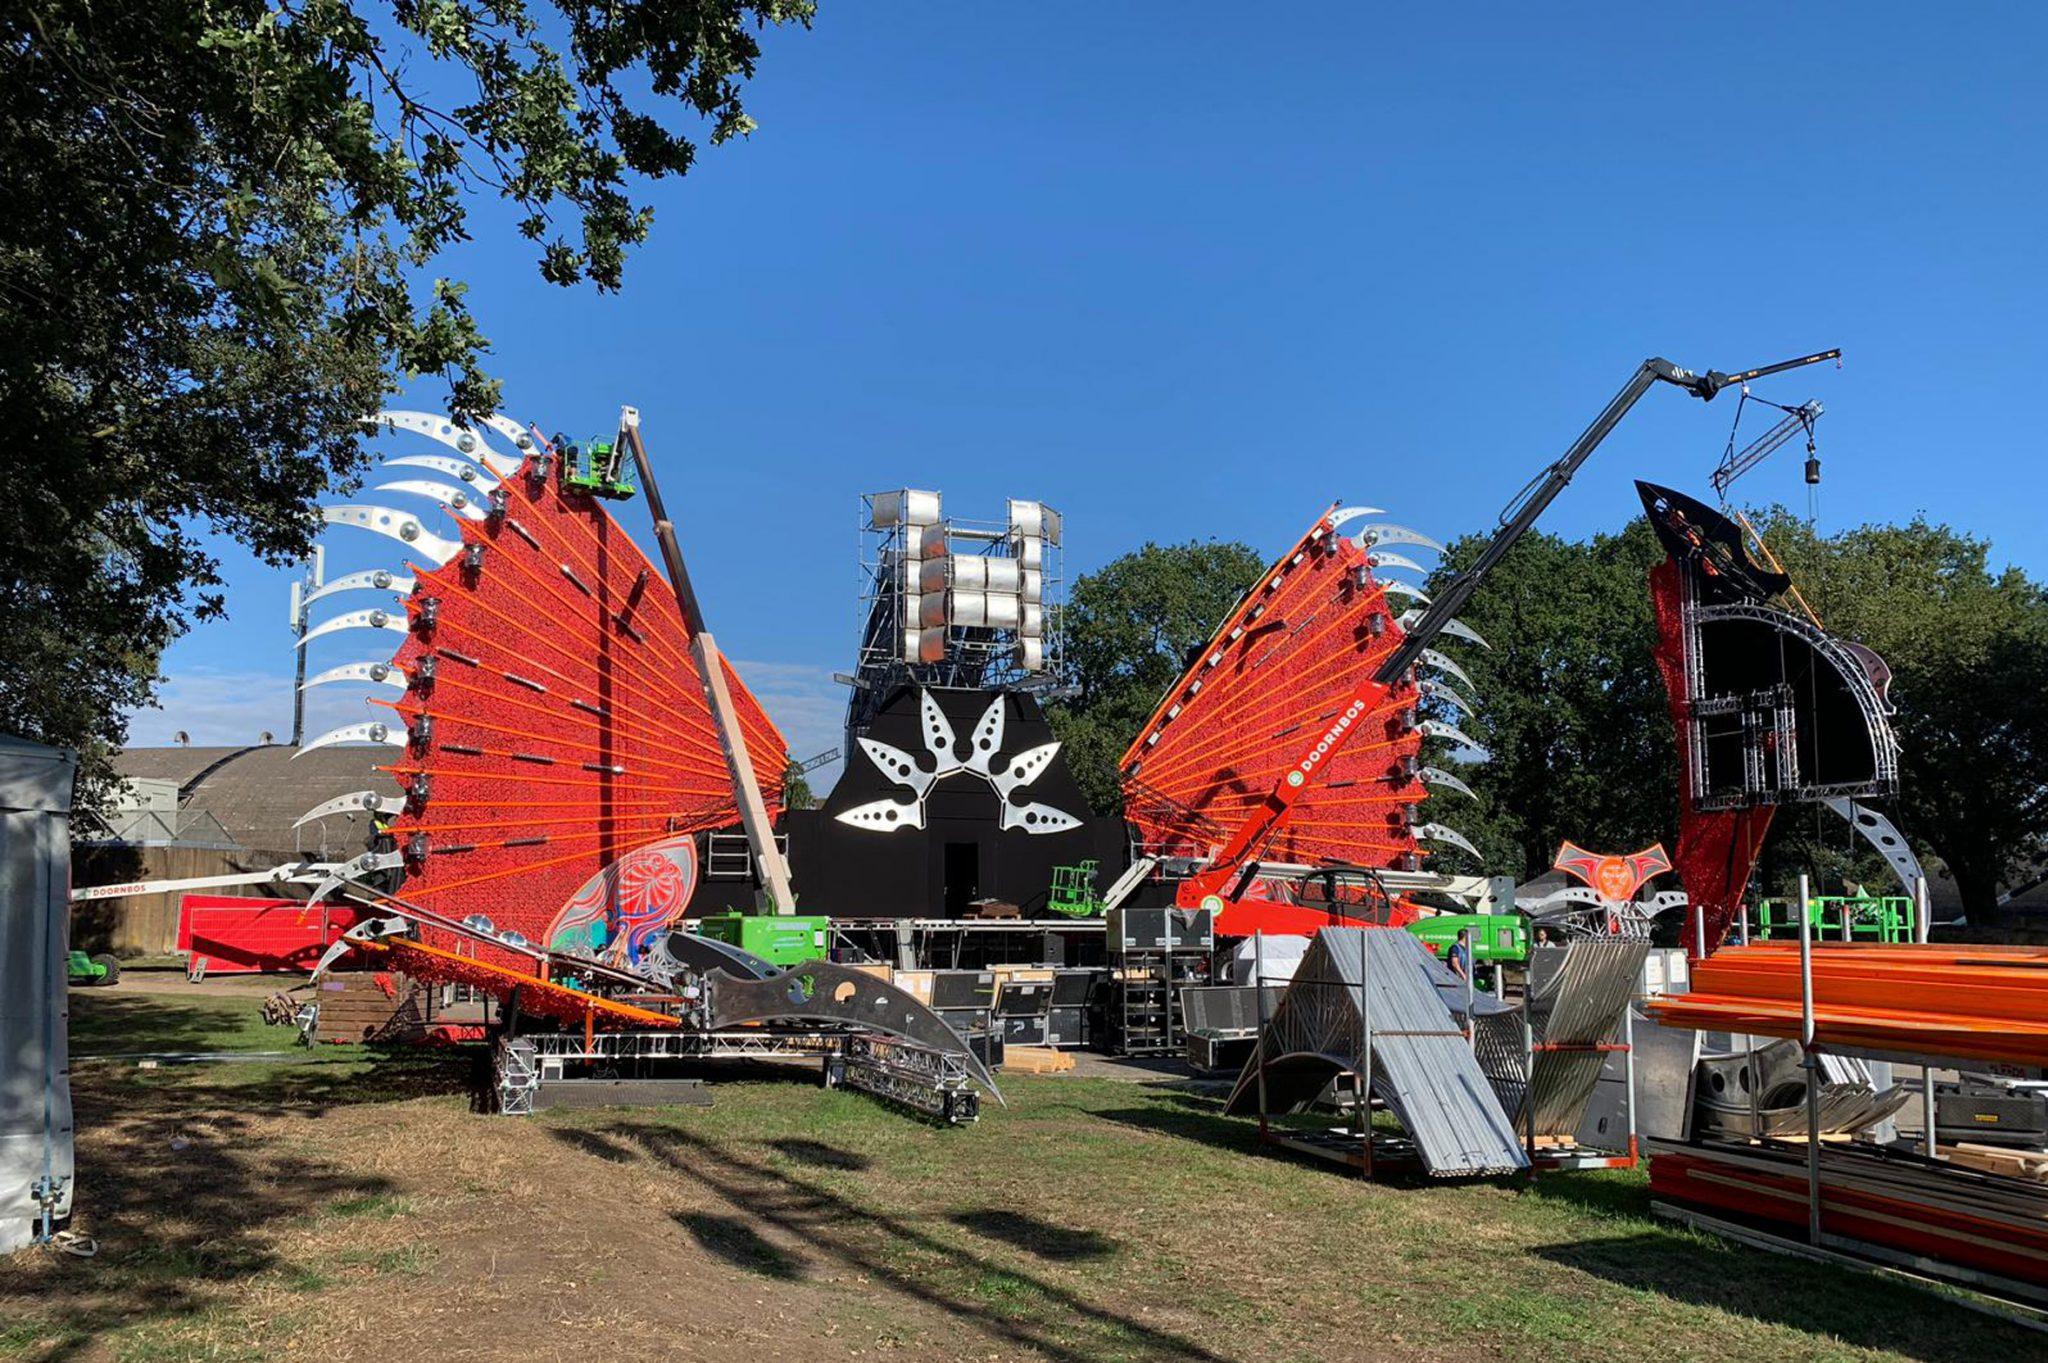 IMPAQT Festival of Titans